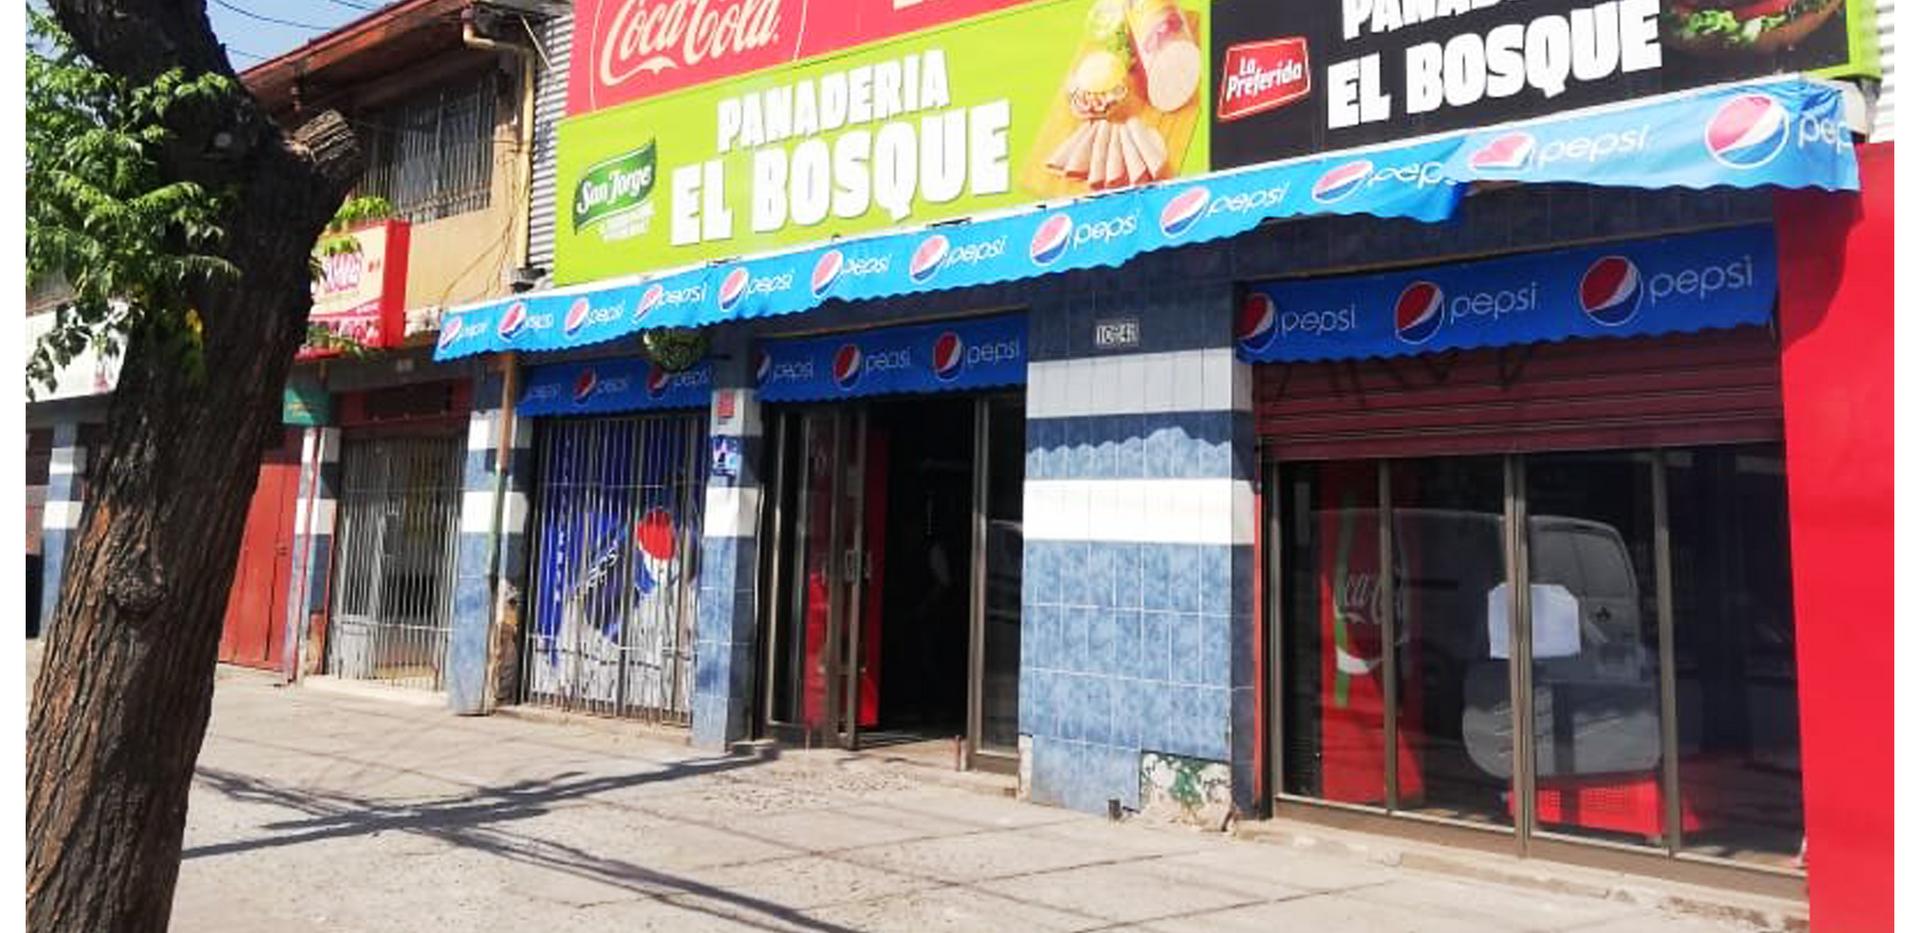 Feria Digital WEB - Panaderia El Bosque.